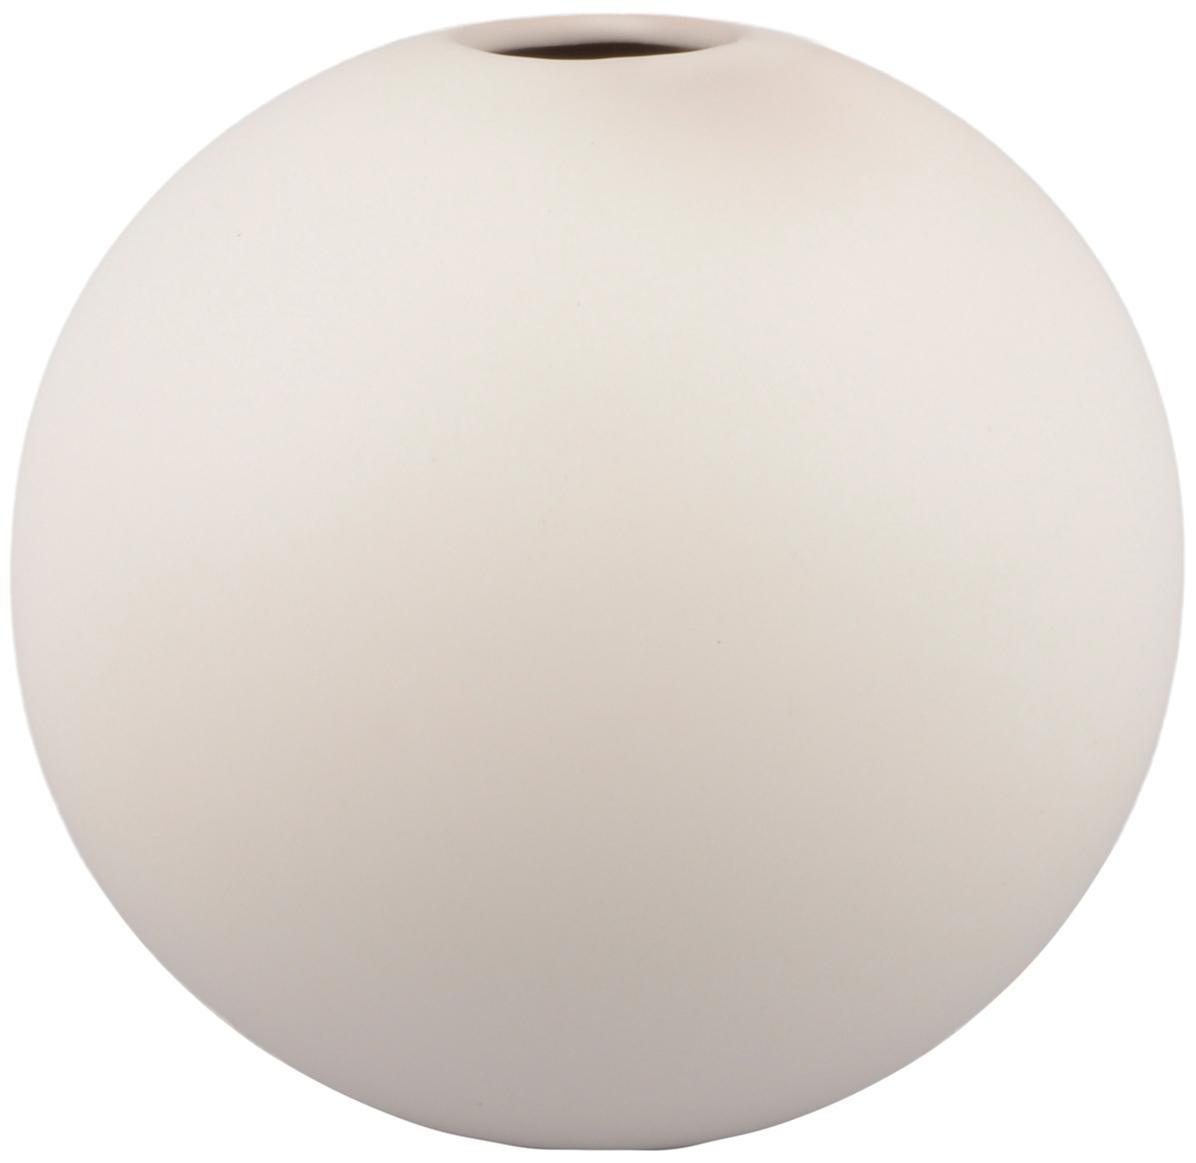 Jarrón de cerámica Rita, Cerámica, Blanco, Ø 12 x Al 12 cm